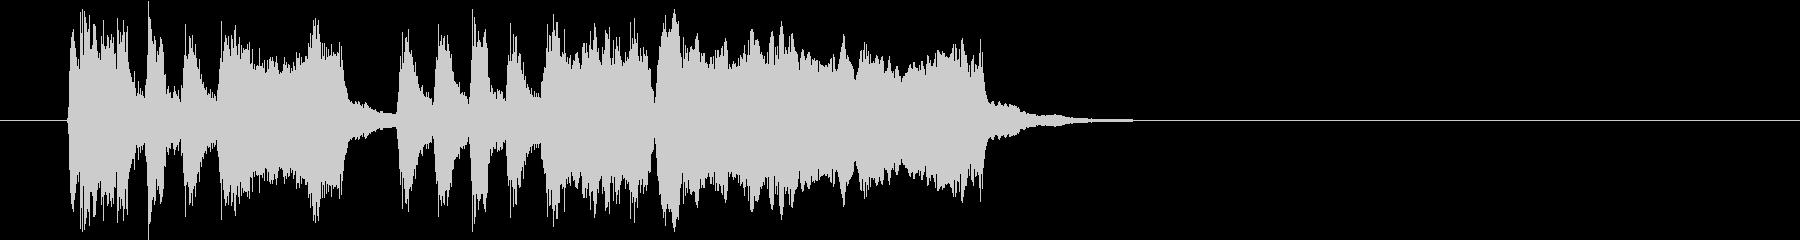 Tpファンファーレ 重厚め遅め弾みめの未再生の波形